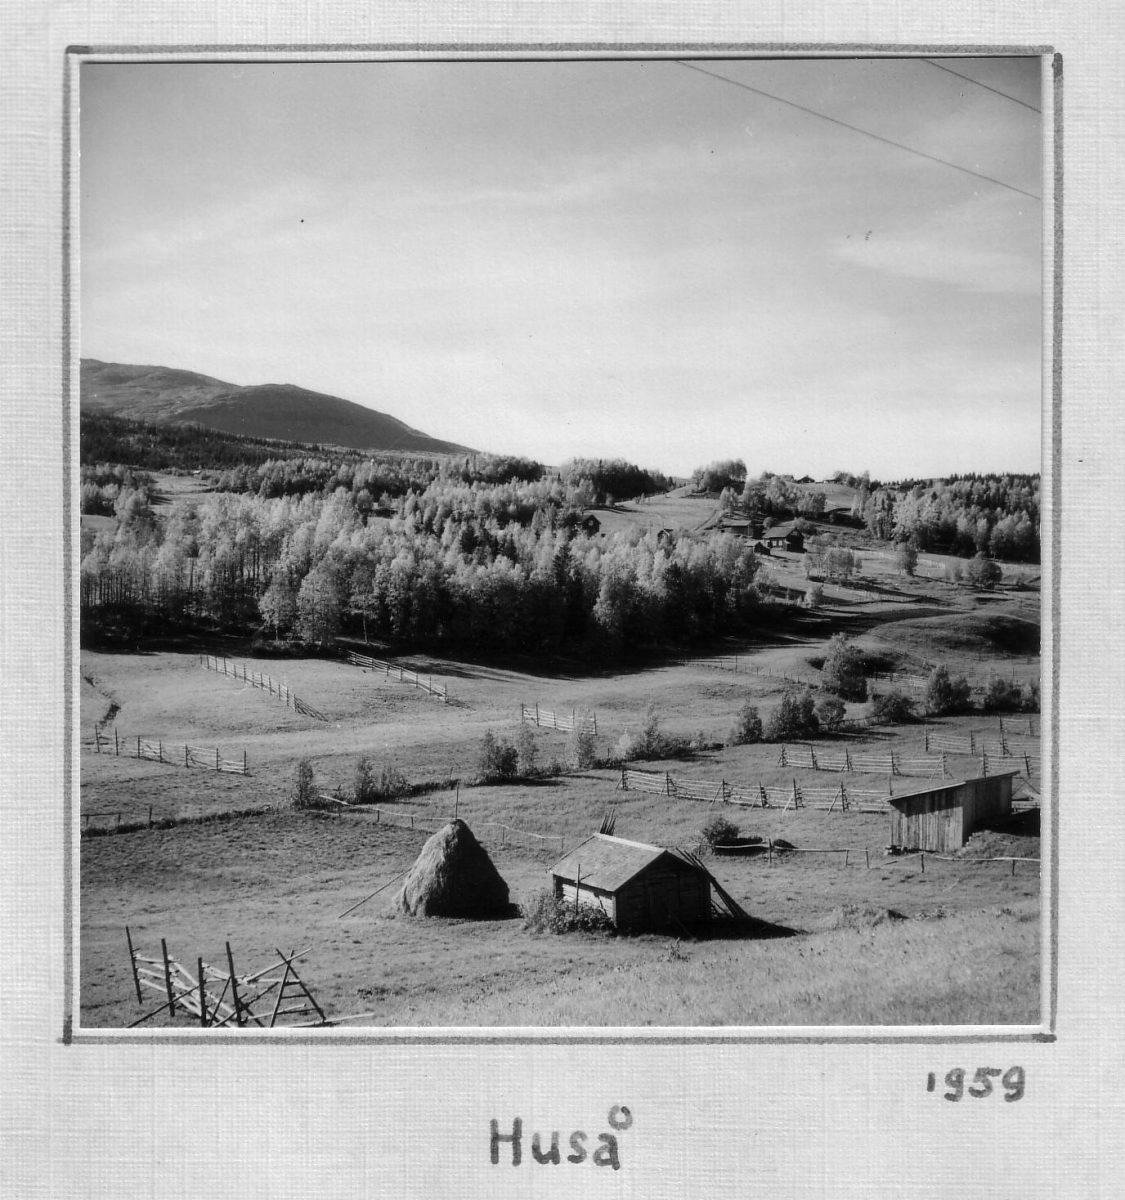 S.56 Huså 1959